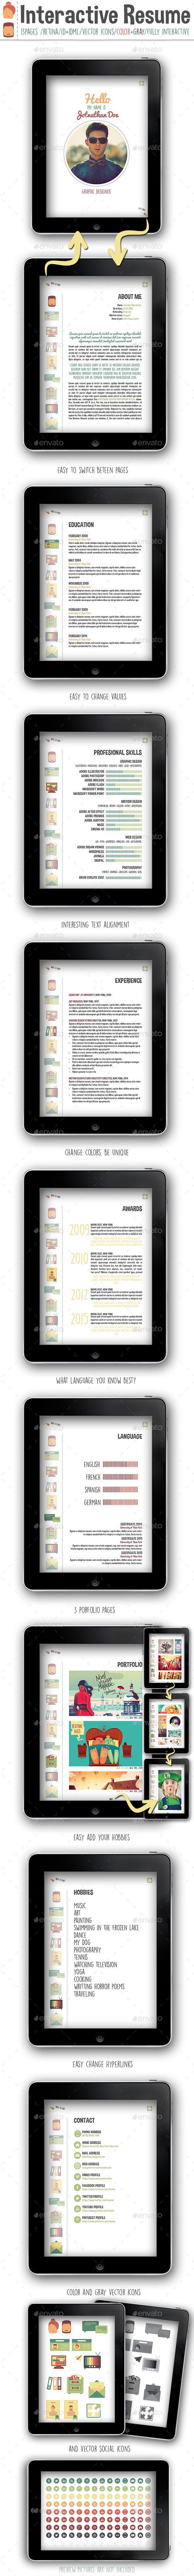 best ideas about cv pdf format lettre de interactive resume pdf